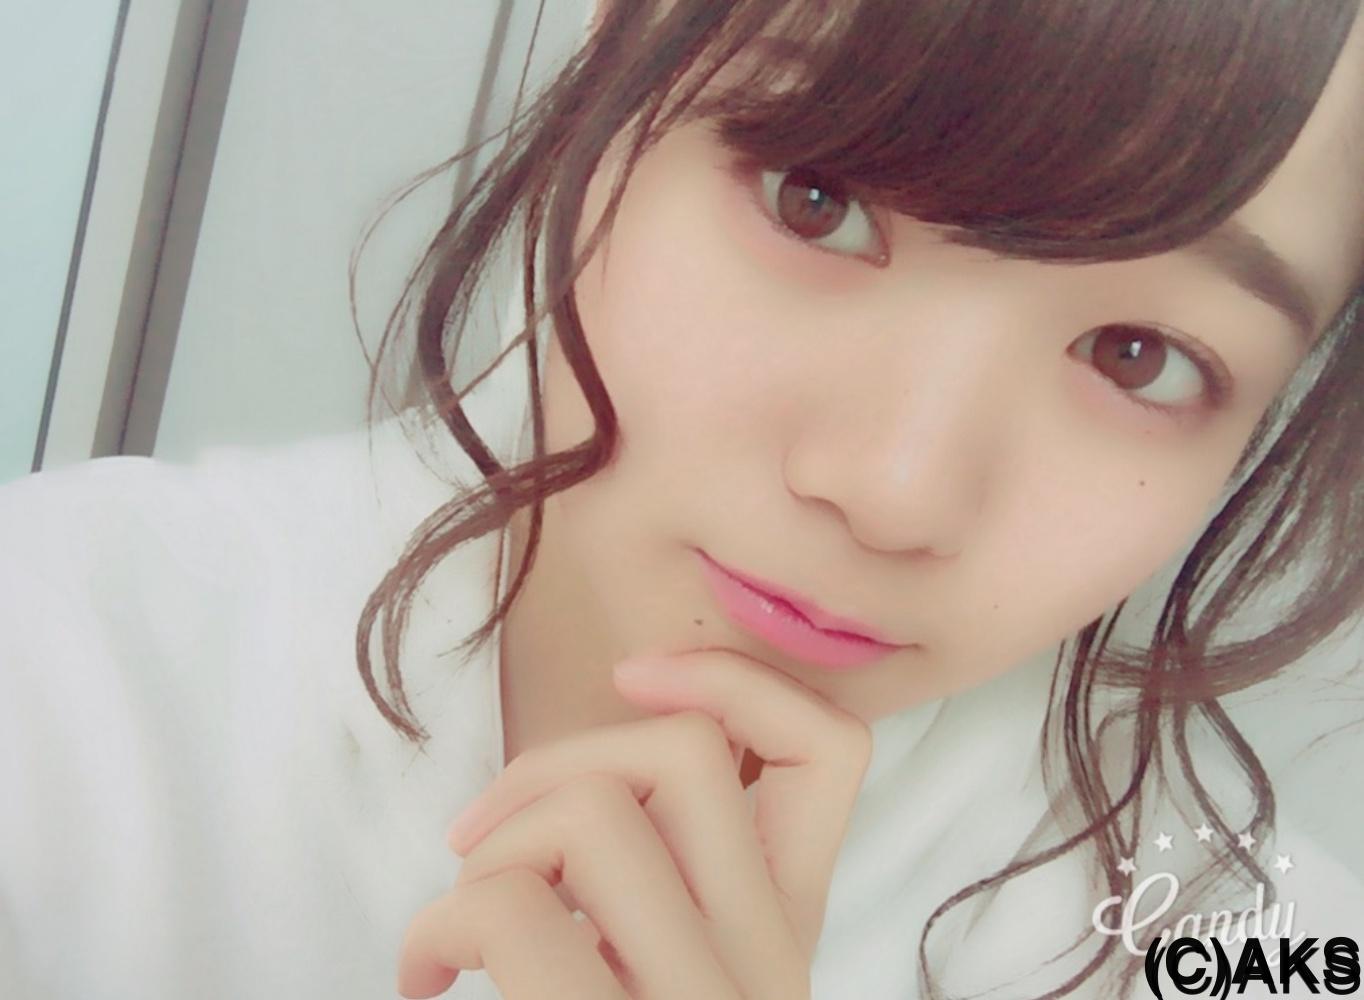 【AKB48チーム8/チームK】中野郁海応援スレ☆34【いくみん】©2ch.netYouTube動画>59本 ->画像>66枚